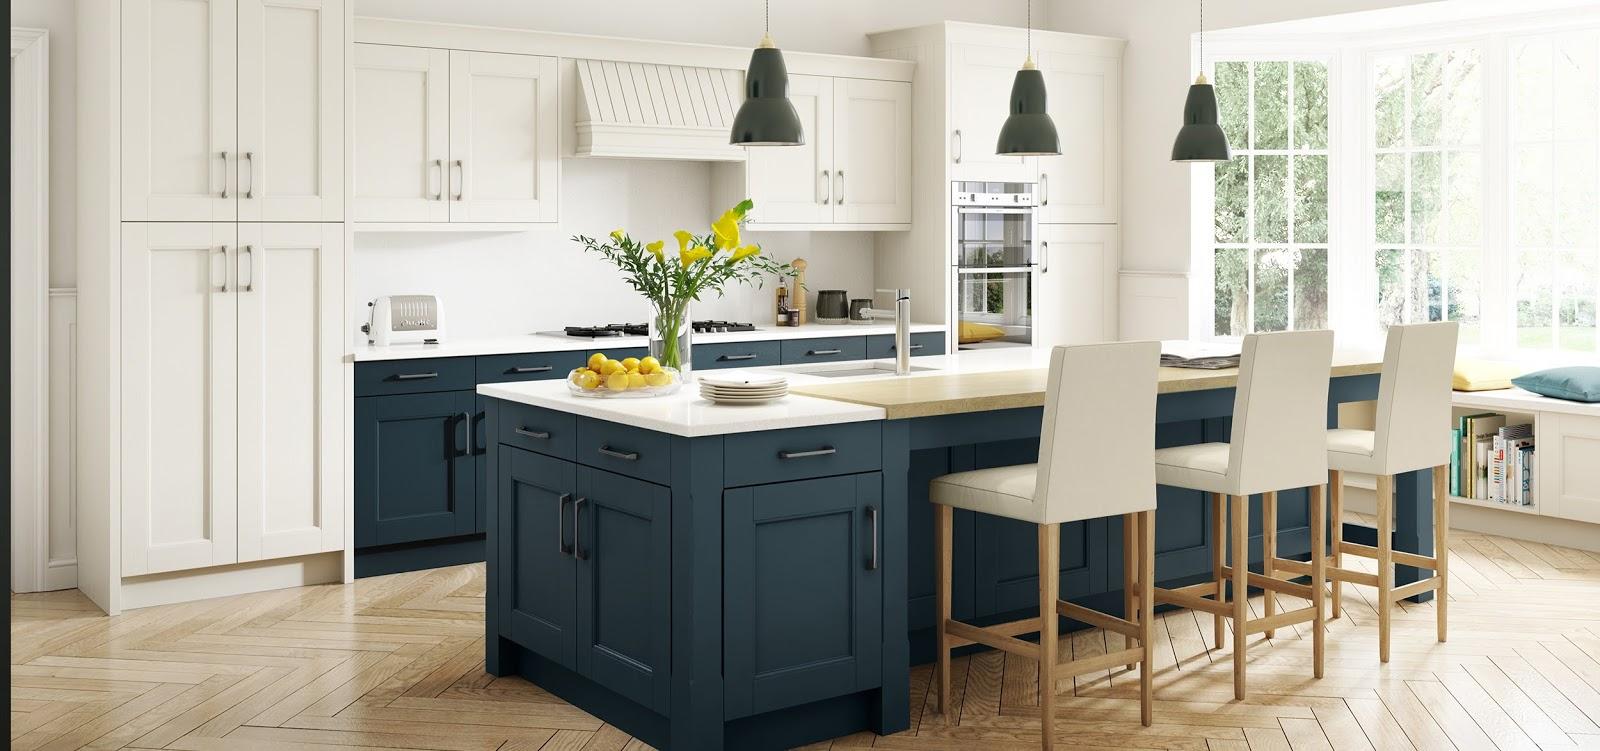 laura ashley kitchens